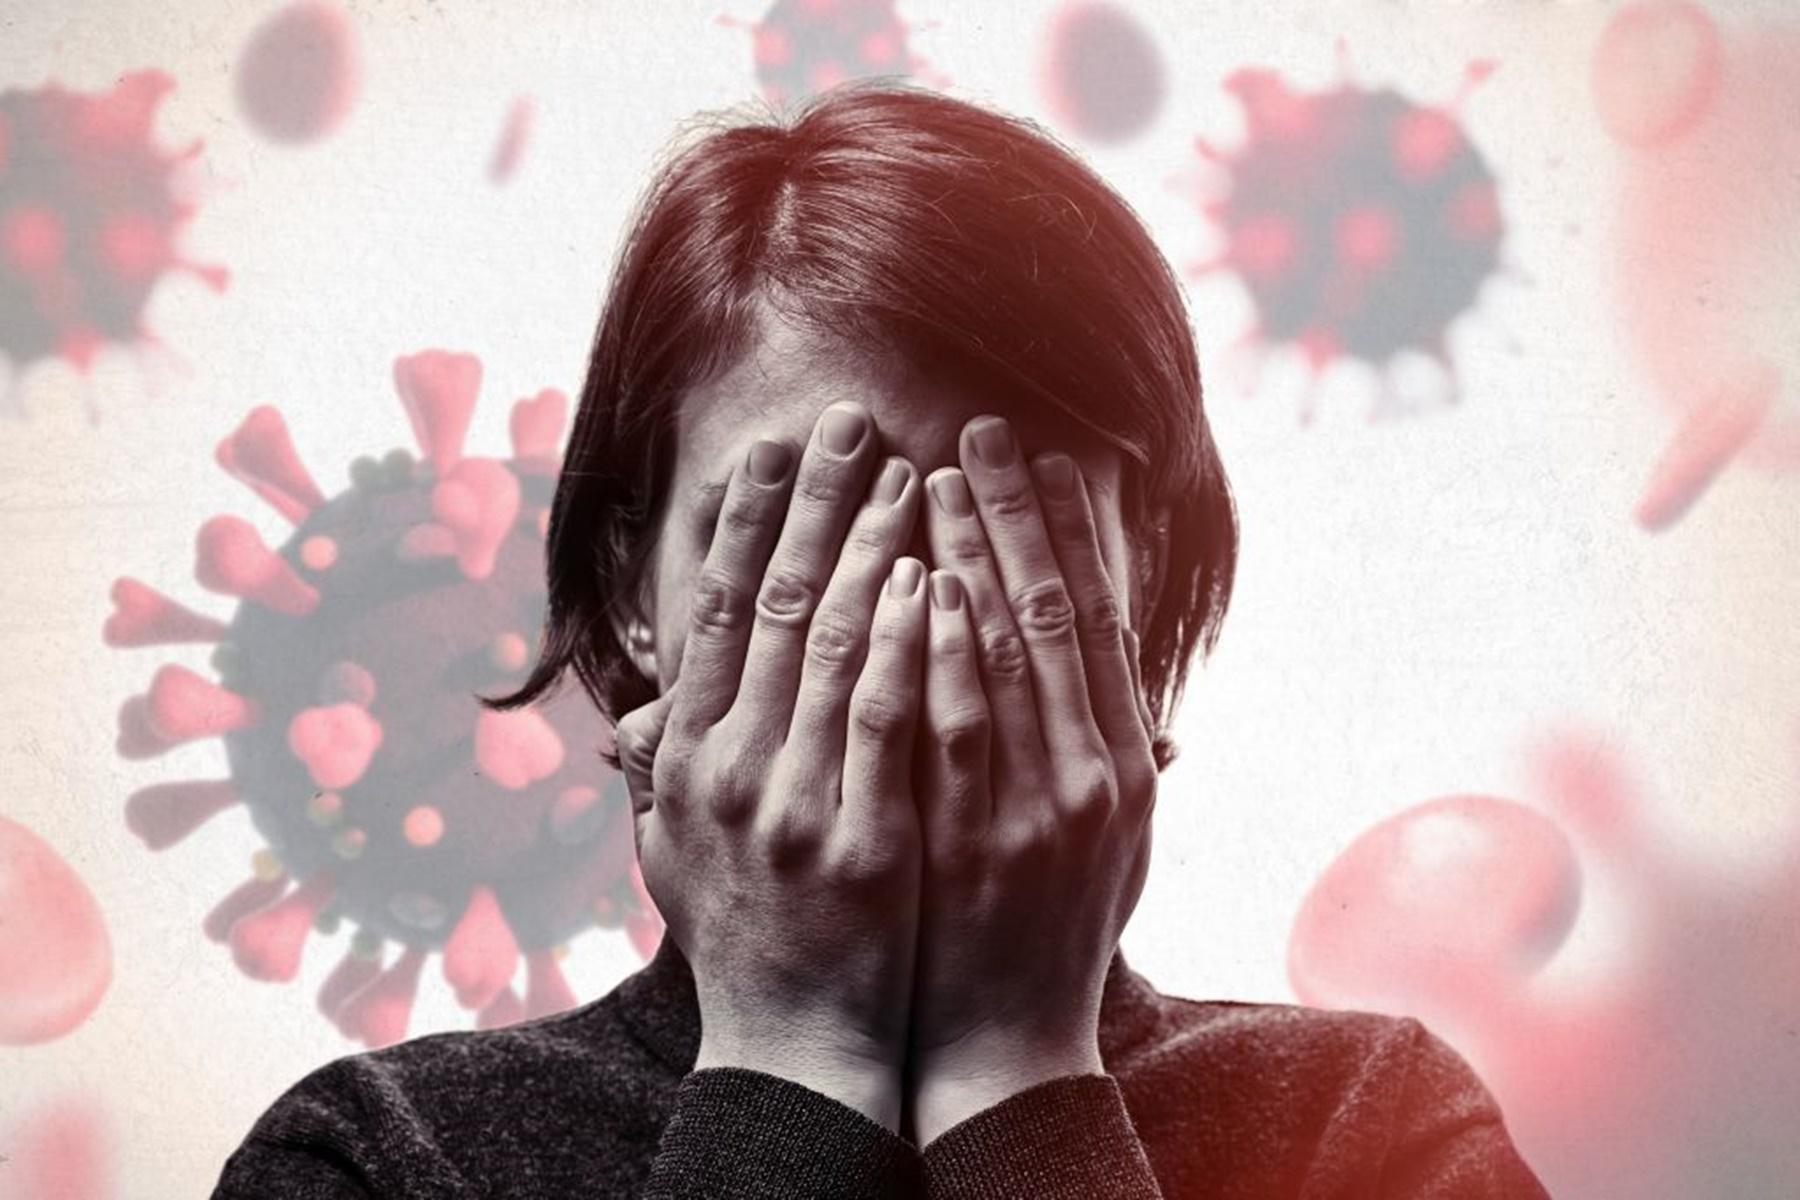 Τοπικό σύνδρομο πόνου : Έτσι επηρεάζει την ψυχική υγεία